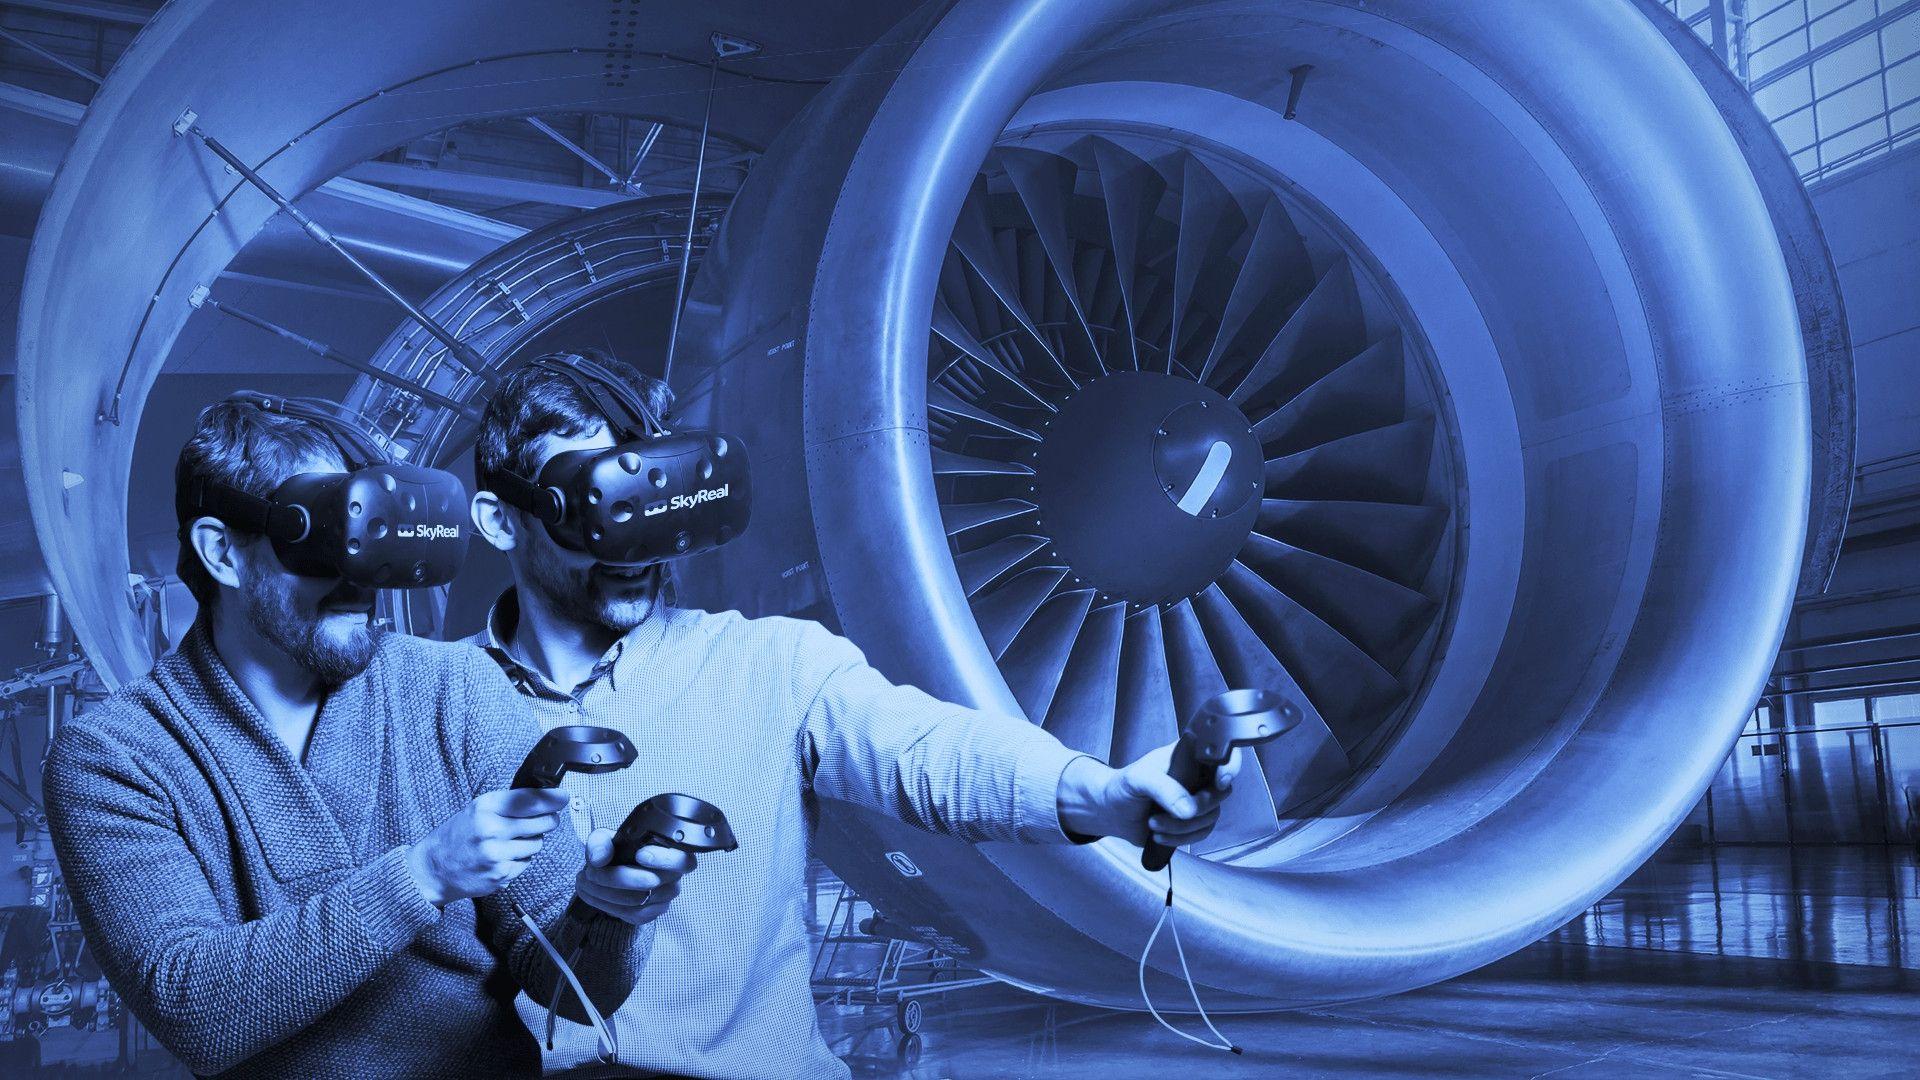 SKYREAL公司的VR解决方案可以模拟和测试原型机并可将工作场景保存并与他人分享(图片来自于官网)